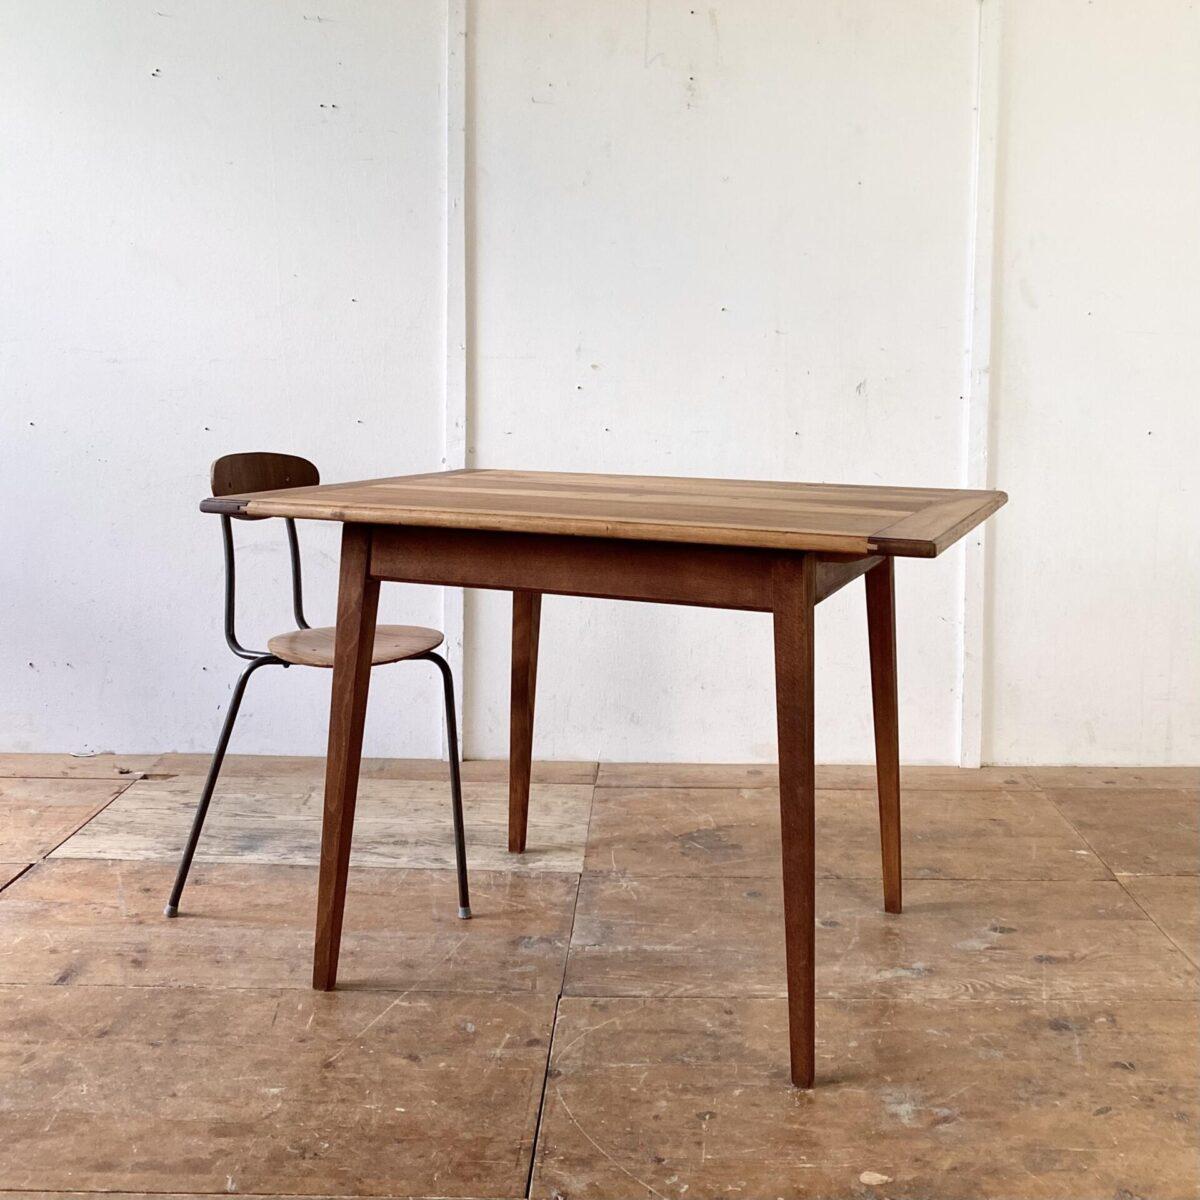 Nussbaumtisch Einfacher Küchentisch mit konischen schrägen Beinen. 111x80cm Höhe 74cm. Tischblatt Nussbaum Vollholz, Unterbau Buche gebeizt. Die Holzoberflächen sind mit Naturöl behandelt.